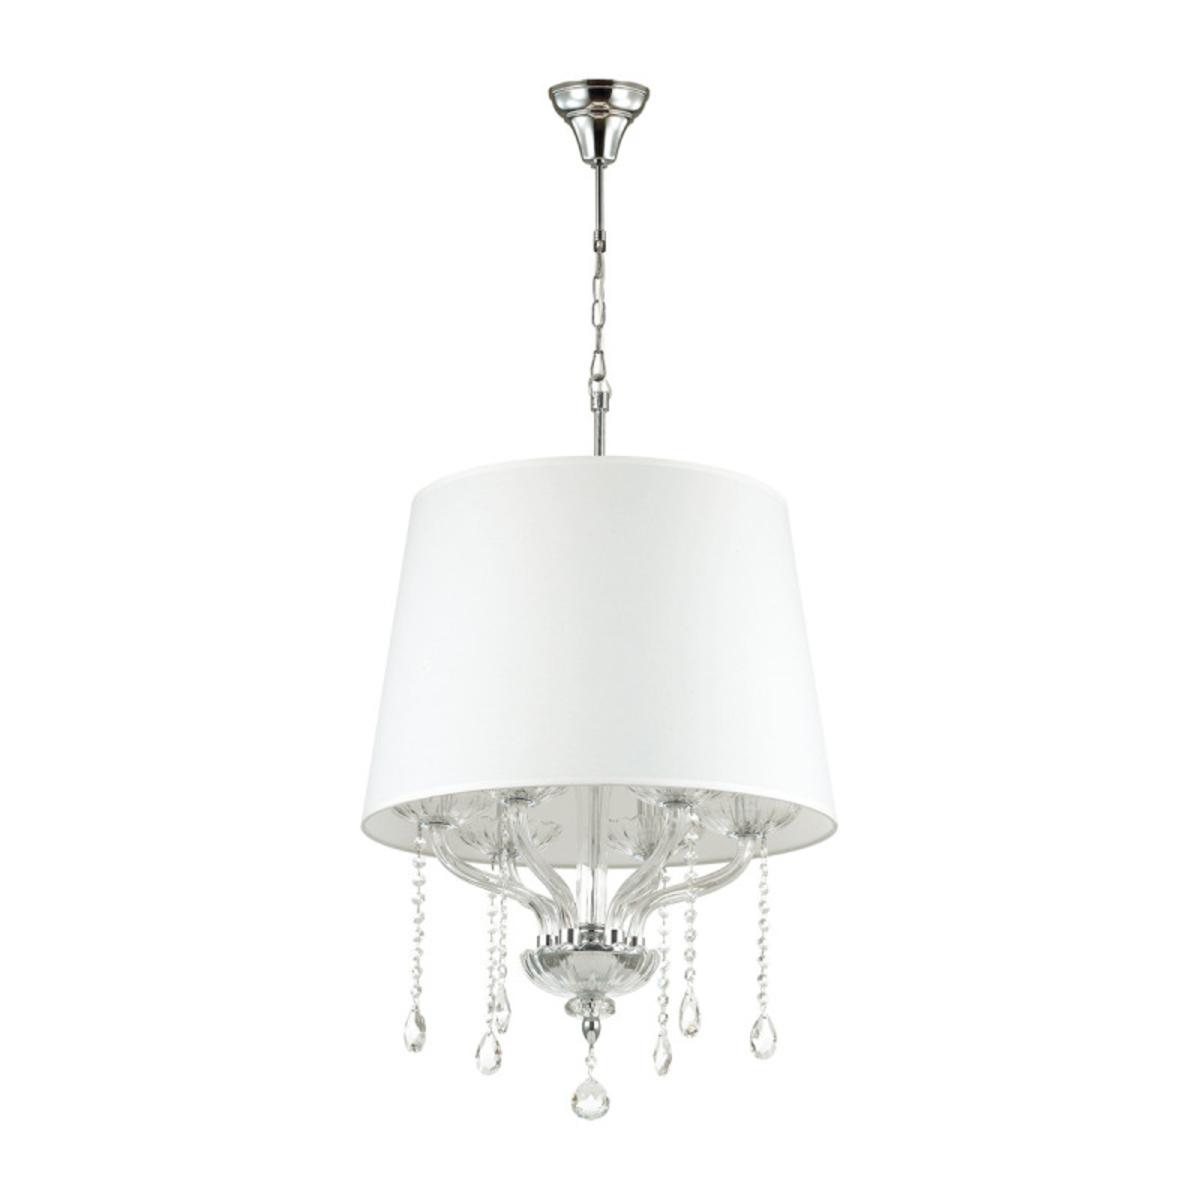 Купить Подвесная люстра TEONA Подвесная люстра Odeon Light 4195/6 (15505), HomeMe